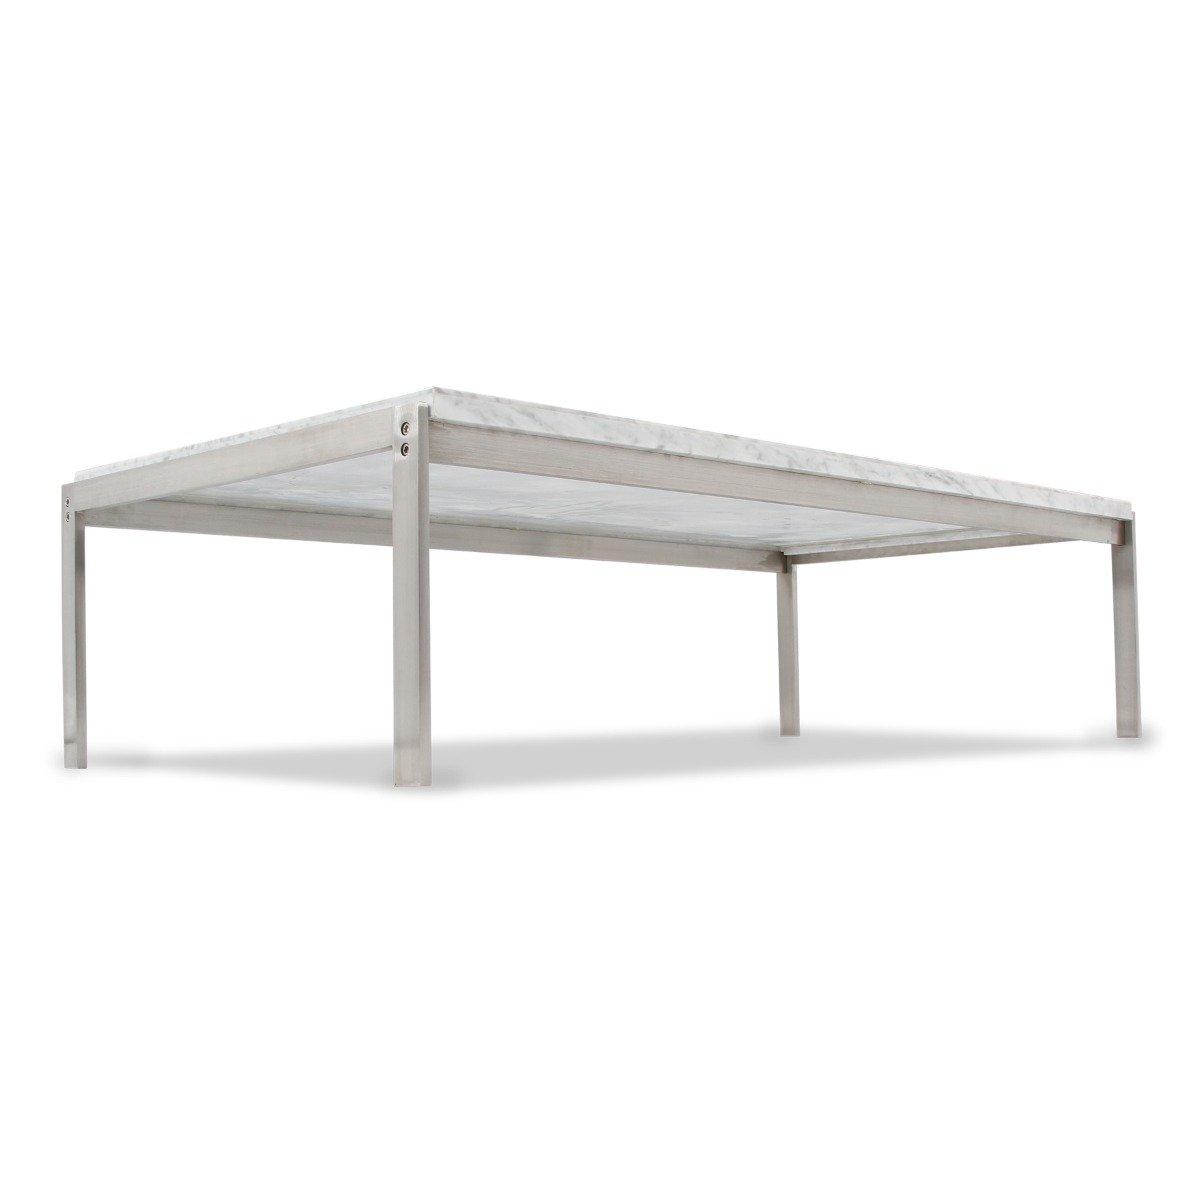 Replica Poul Kjaerholm PK63 coffee table